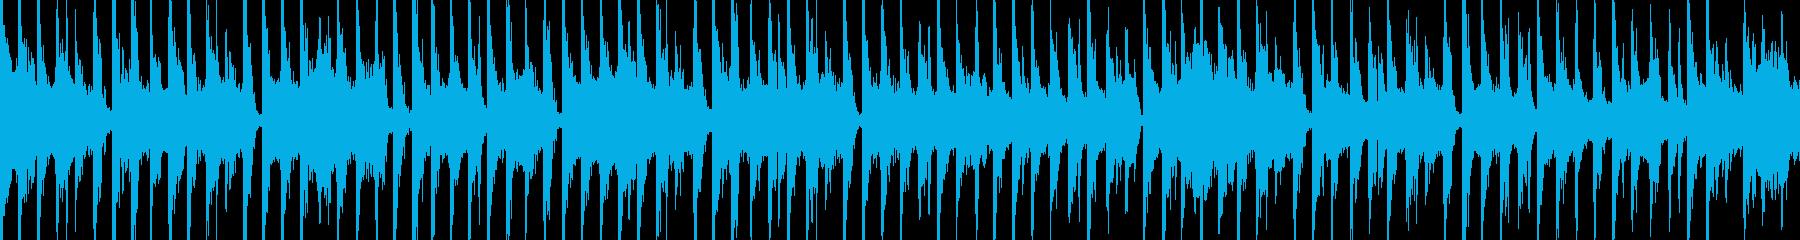 かわいい動物が走るようなドキドキする曲の再生済みの波形